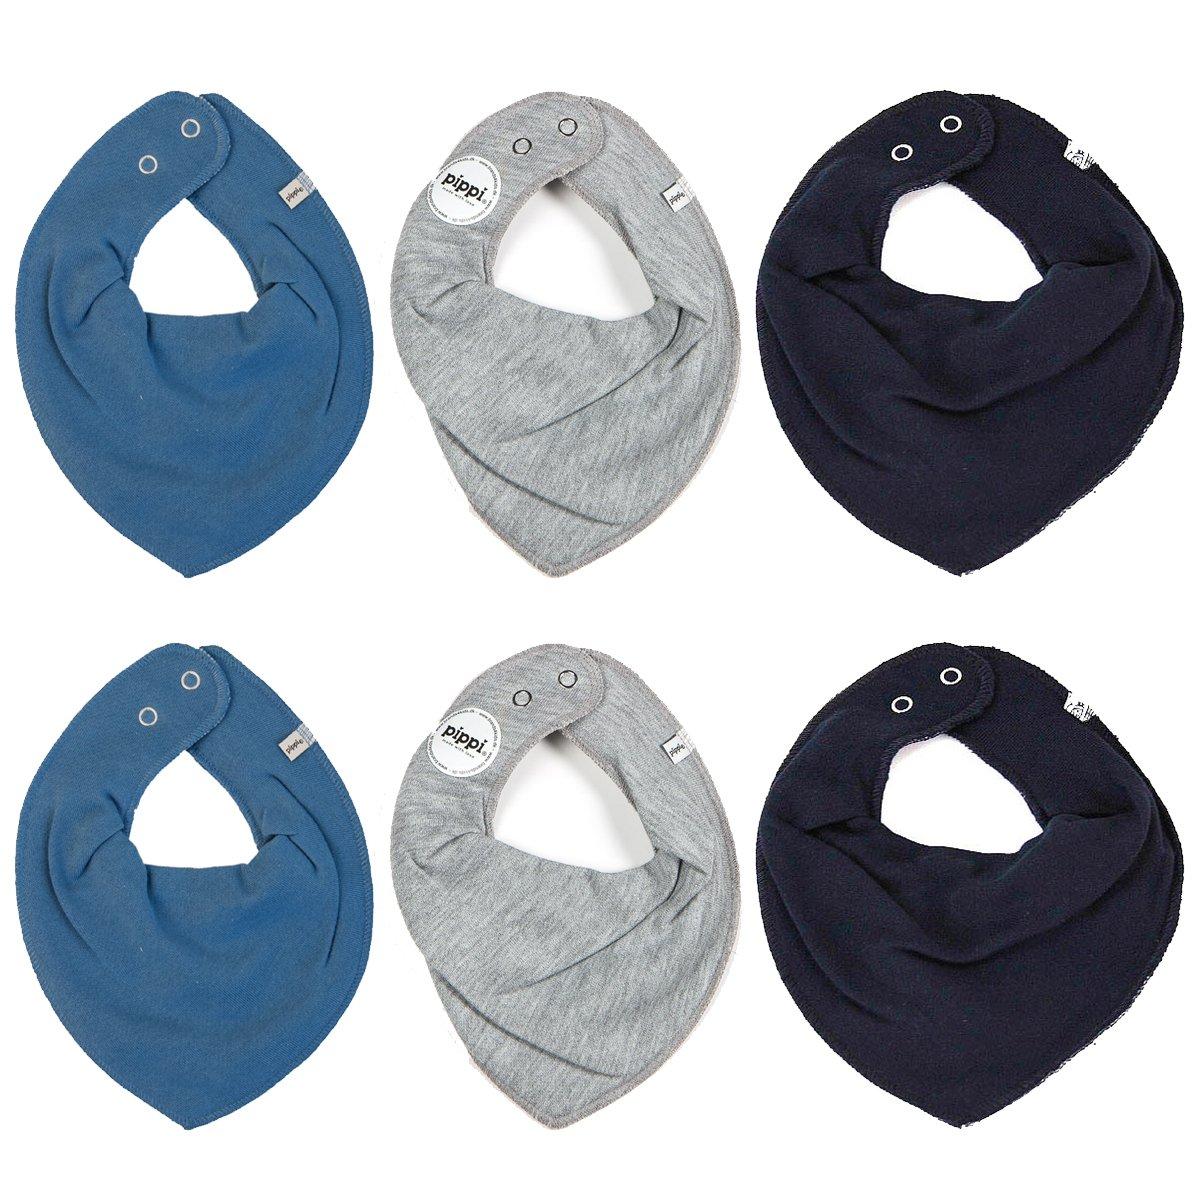 Pippi 6er Pack Baby Jungen Halstuch, Farbe: Blau, Grau und Dunkelblau, One Size